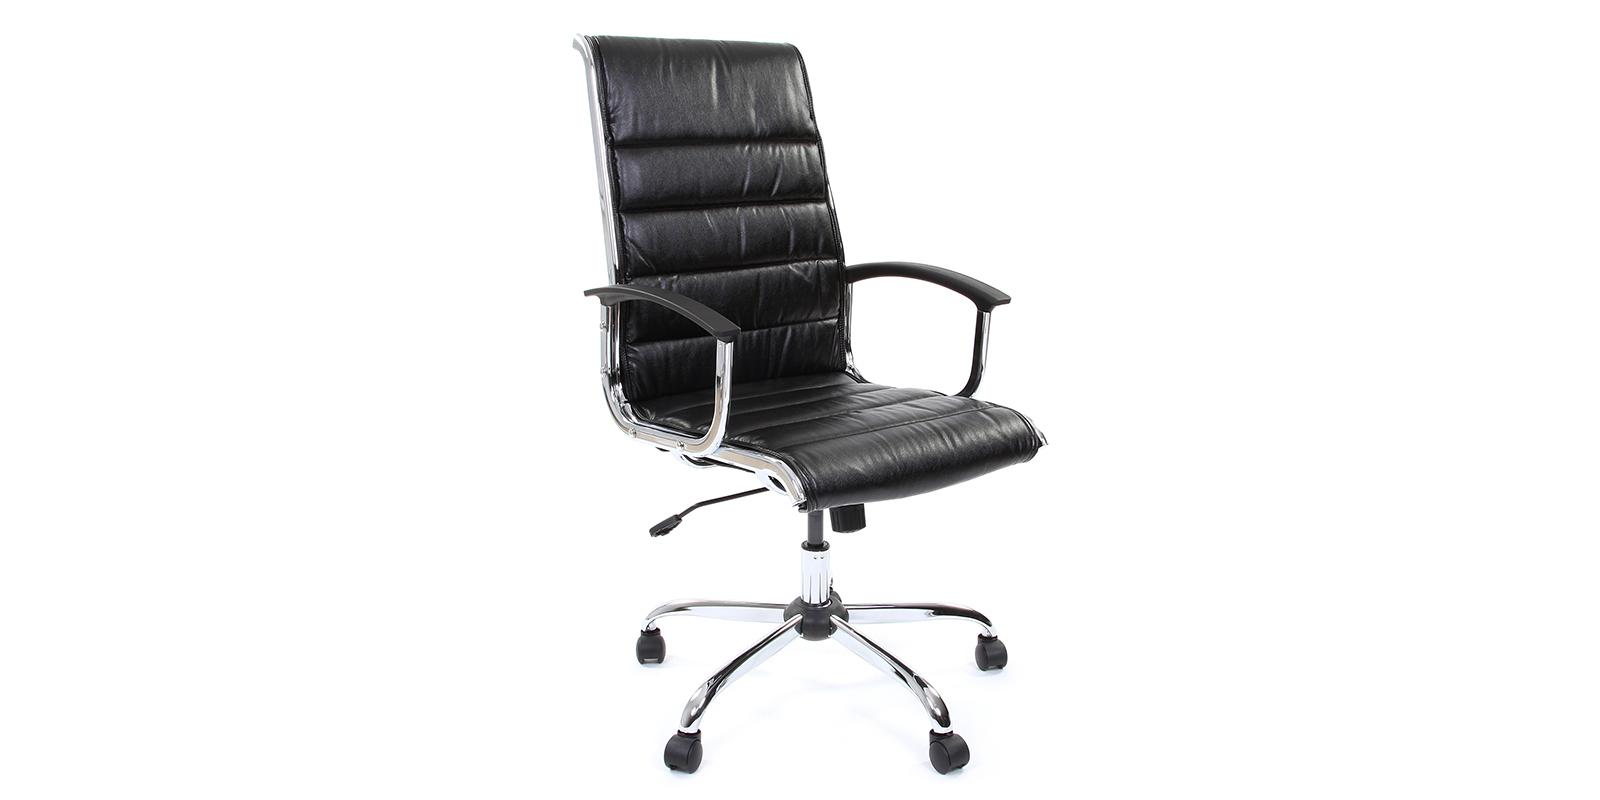 Кресло для руководителя Chairman 760 вариант №1 (черный)